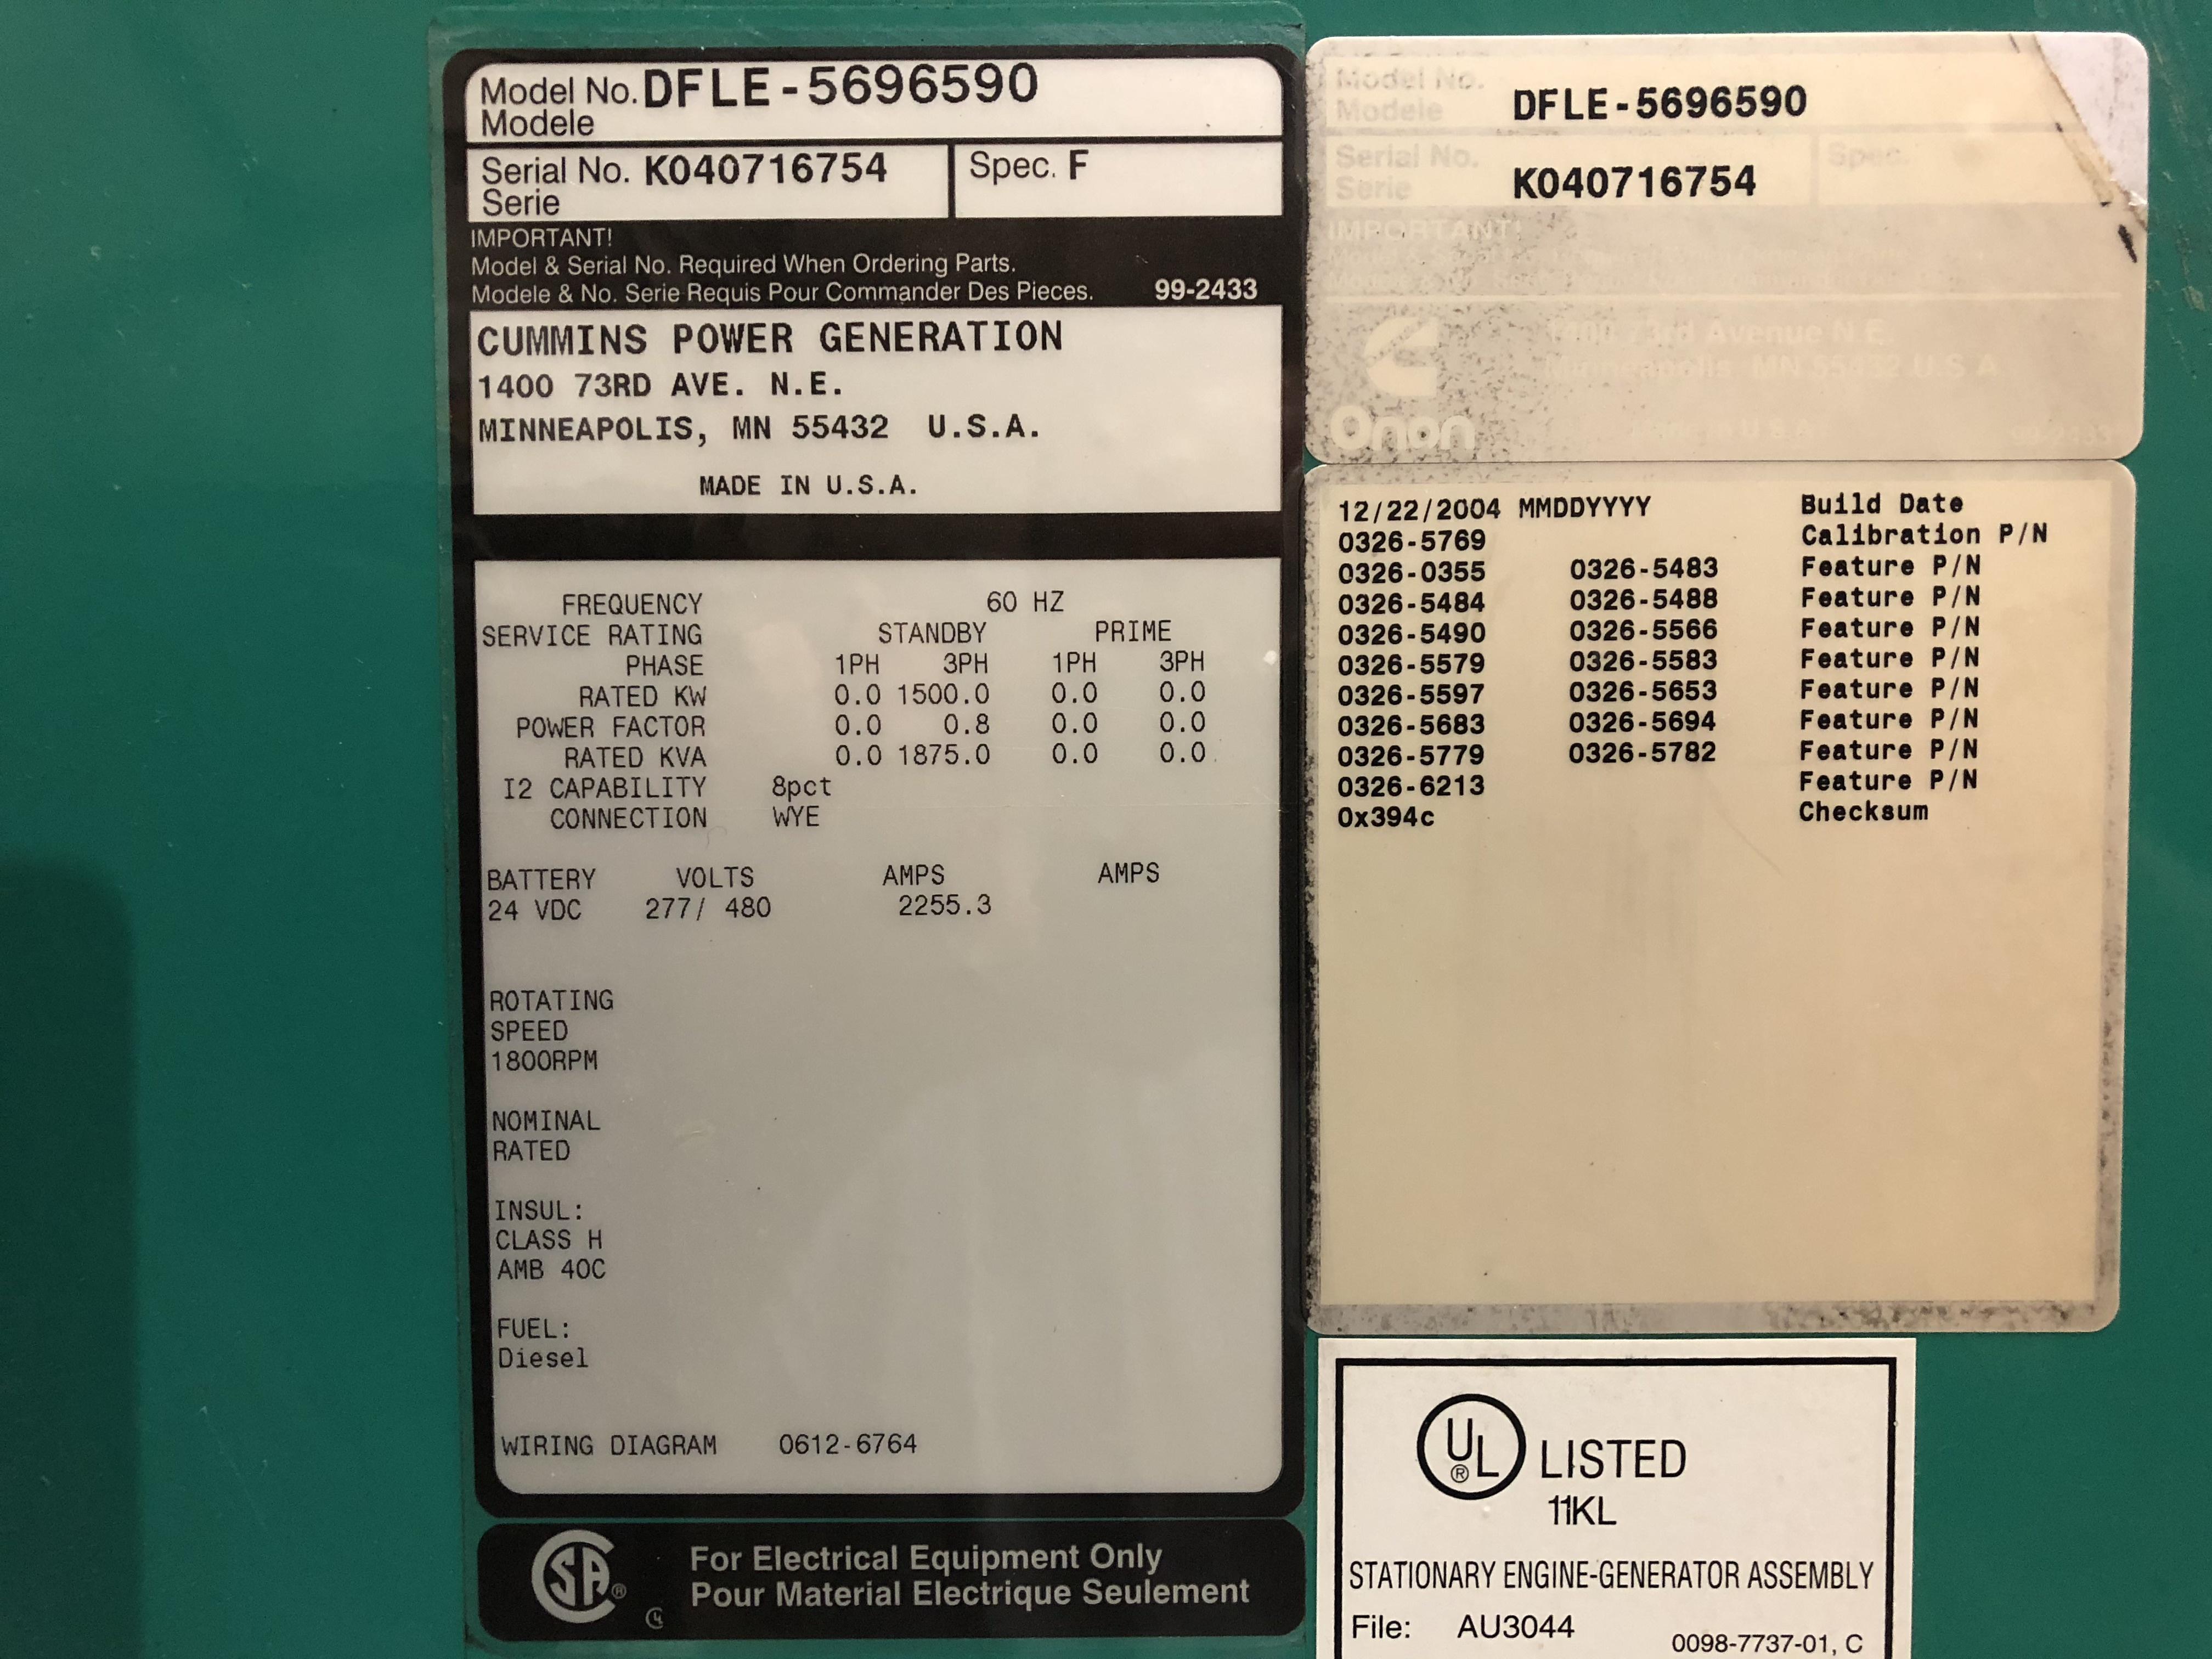 Used Cummins Dfle Kta50 G9 Diesel Generator 575 Hrs 1500 Kw 0 Stamford Logo Price Csdg